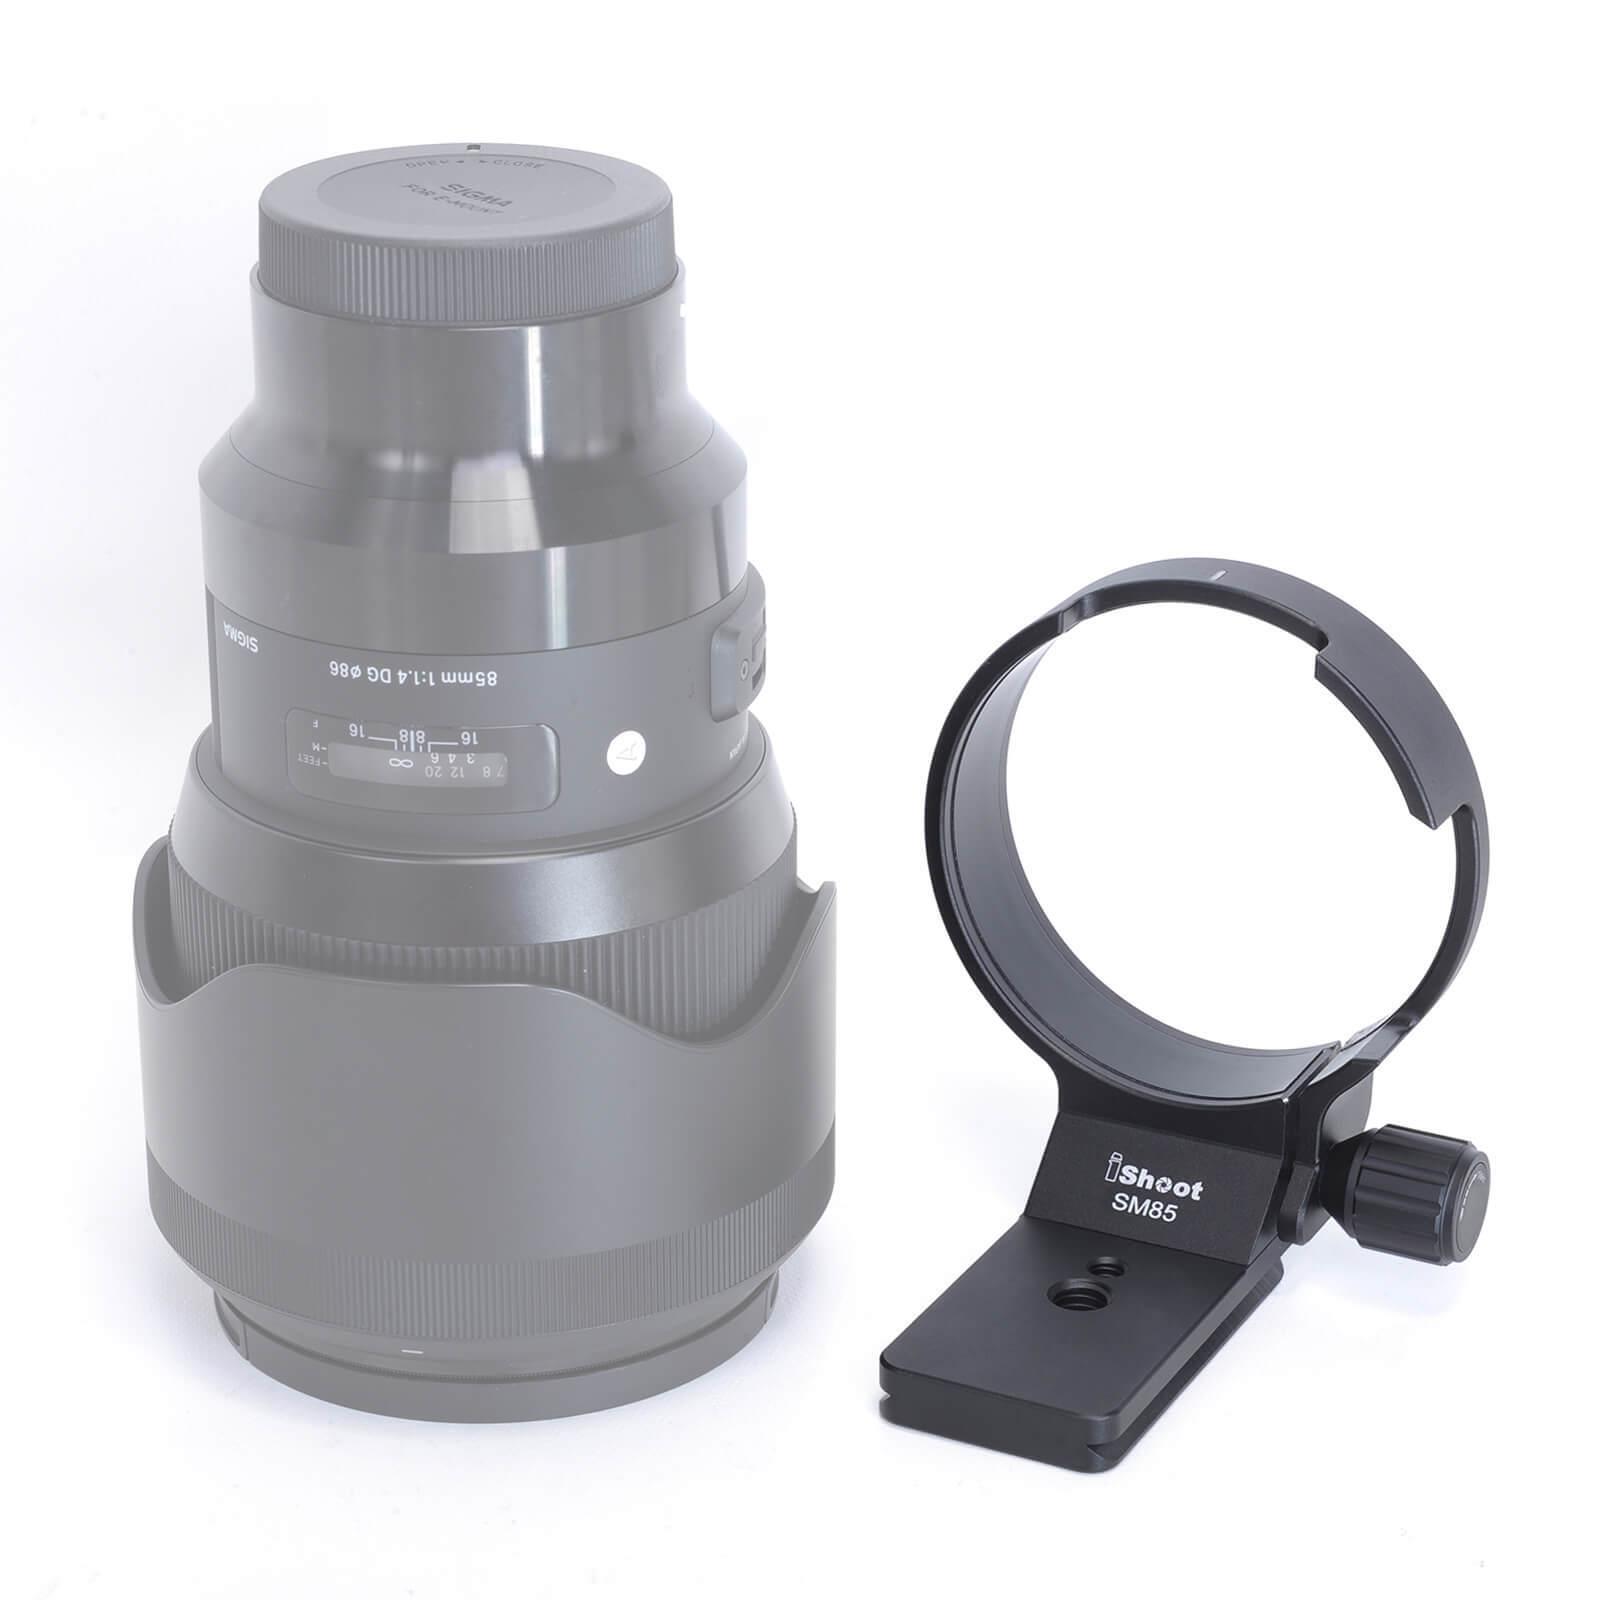 Lens Collar Tripod Mount Ring for Sigma 85mm f/1.4 DG HSM Art Lens (for Sony E)